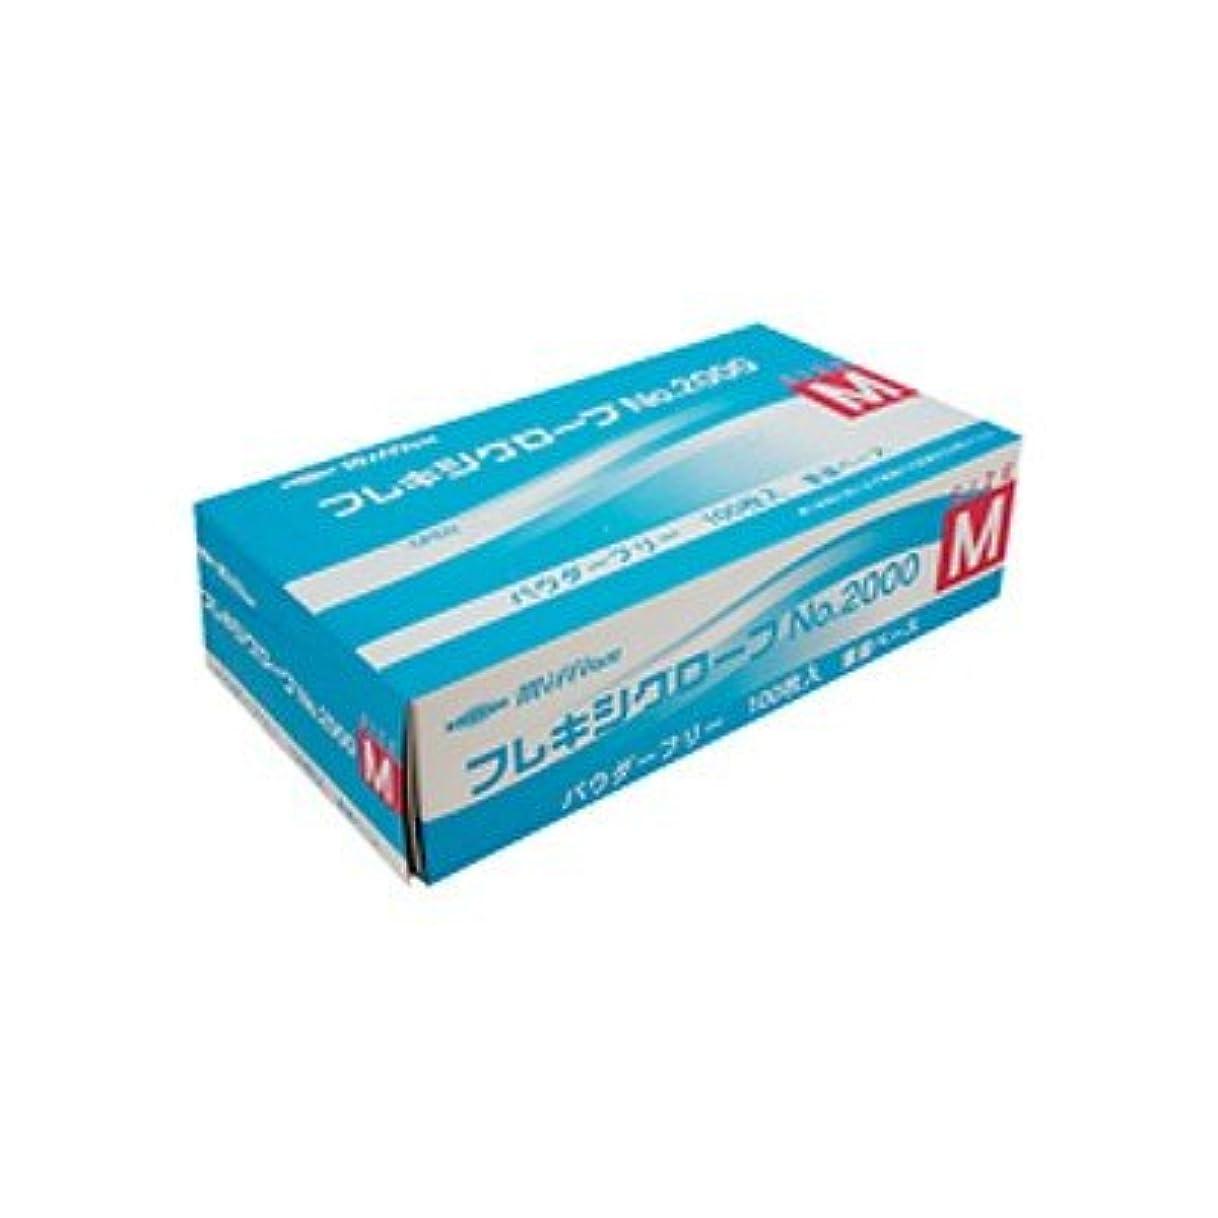 最初パニック火曜日ミリオン プラスチック手袋 粉無No.2000 M 品番:LH-2000-M 注文番号:62741637 メーカー:共和